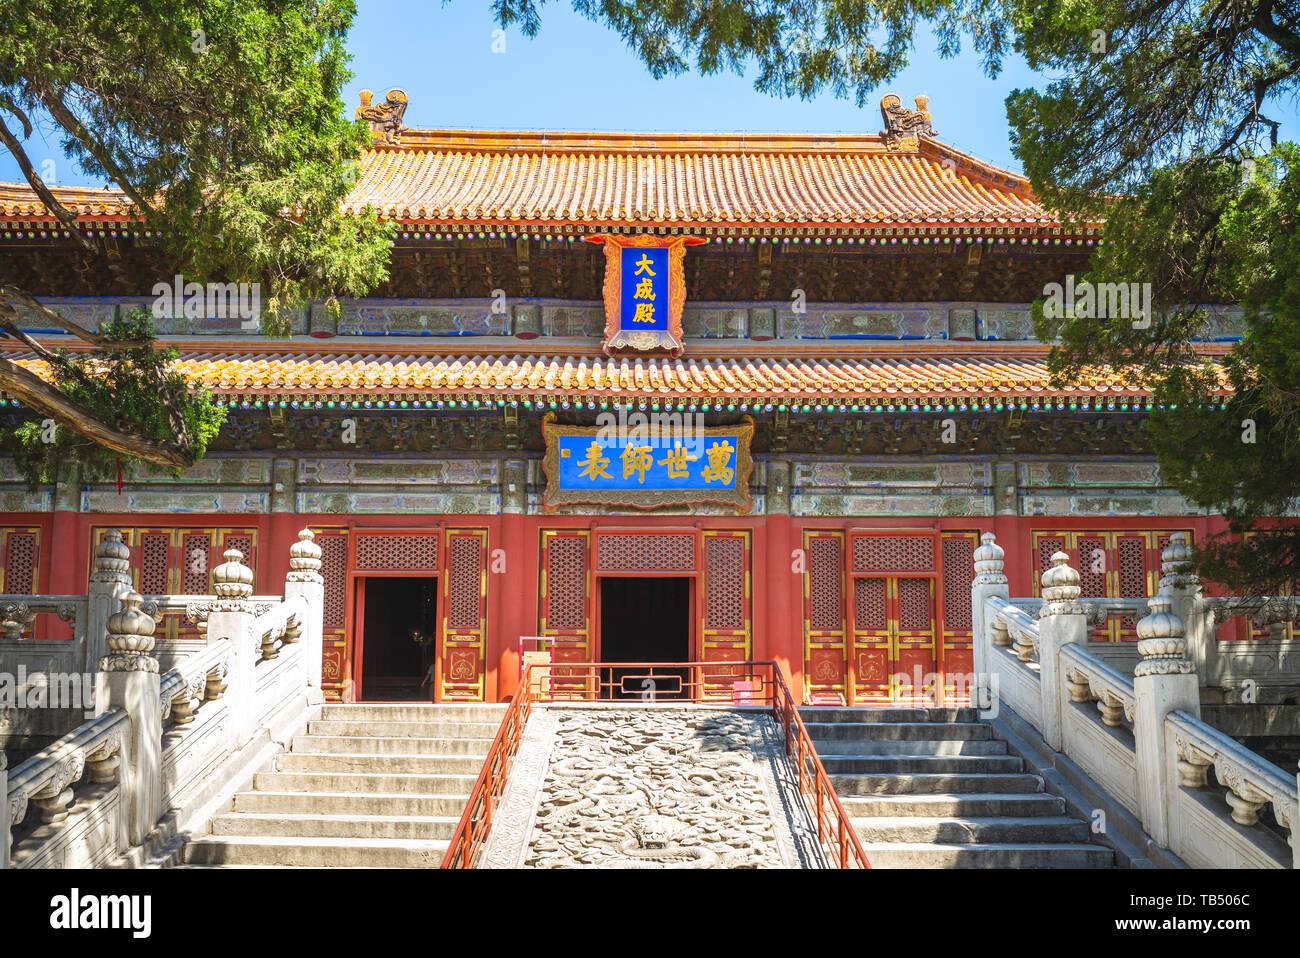 Temple de Confucius de Beijing, Chine. la traduction des caractères chinois est 'Hall de grandes réalisations' et 'Modèle enseignant pour dix mille Ag Photo Stock